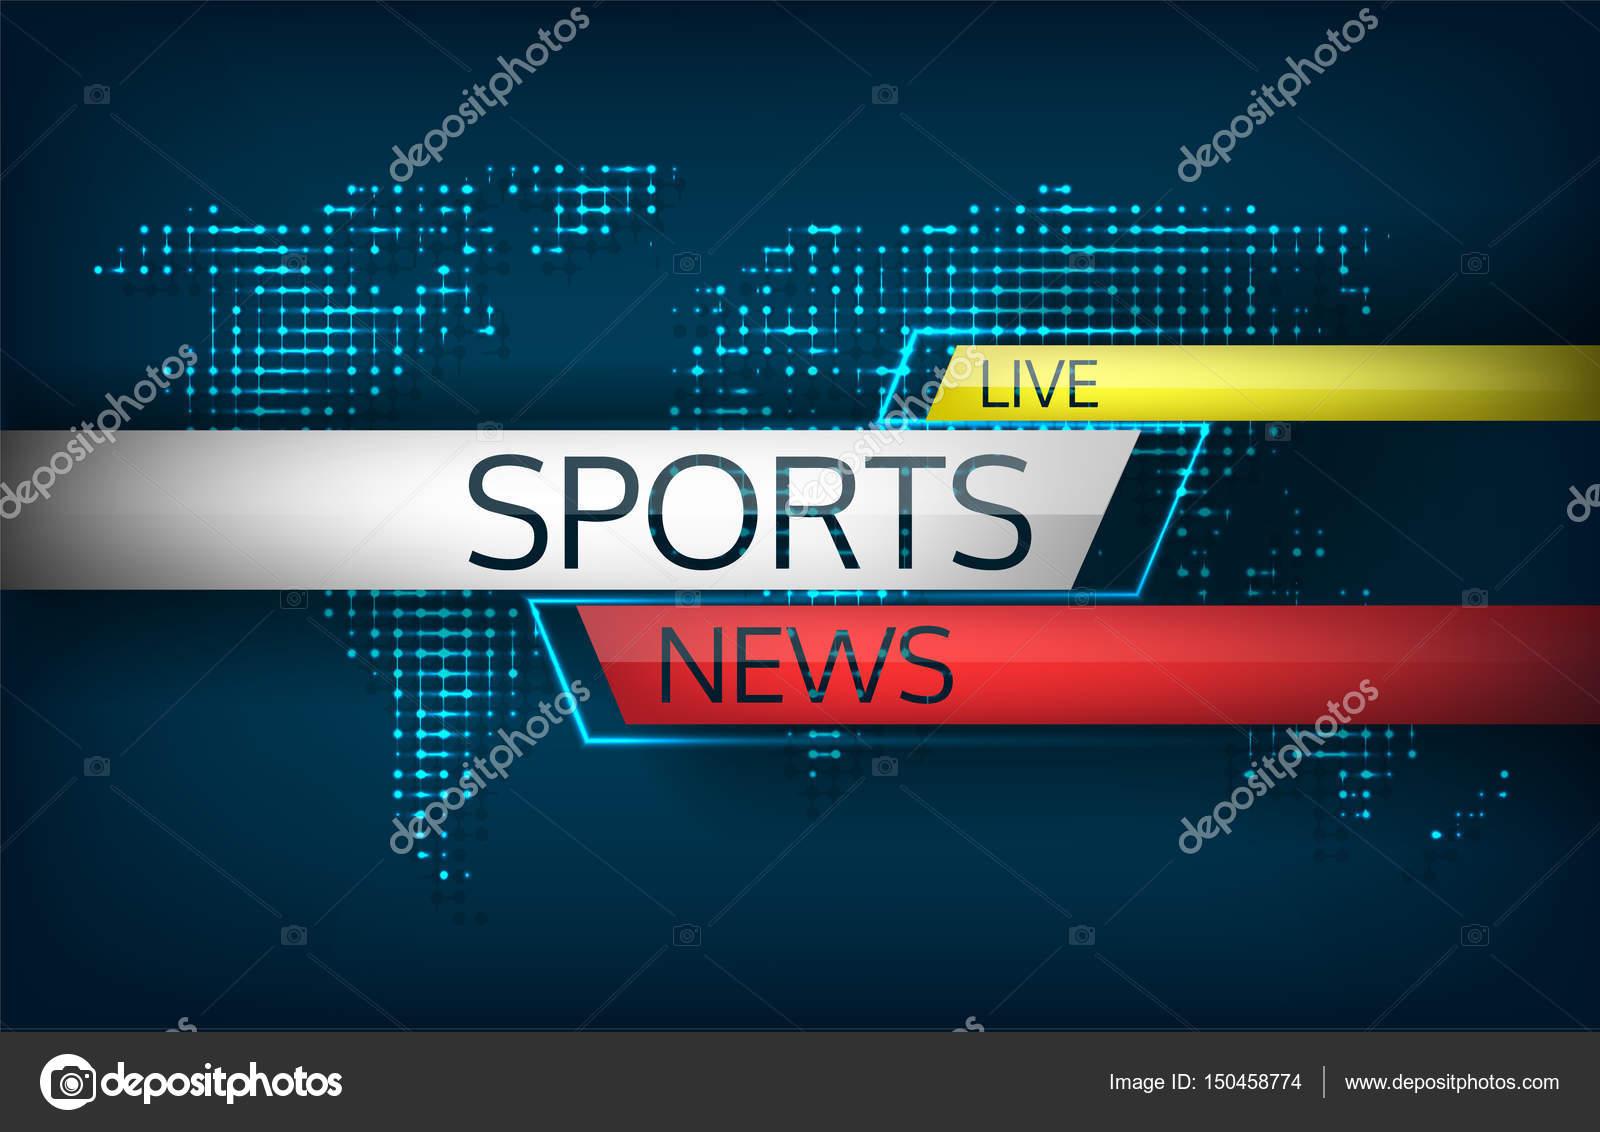 Imágenes Deportes Fondos: Imágenes: Fondos De Noticiero